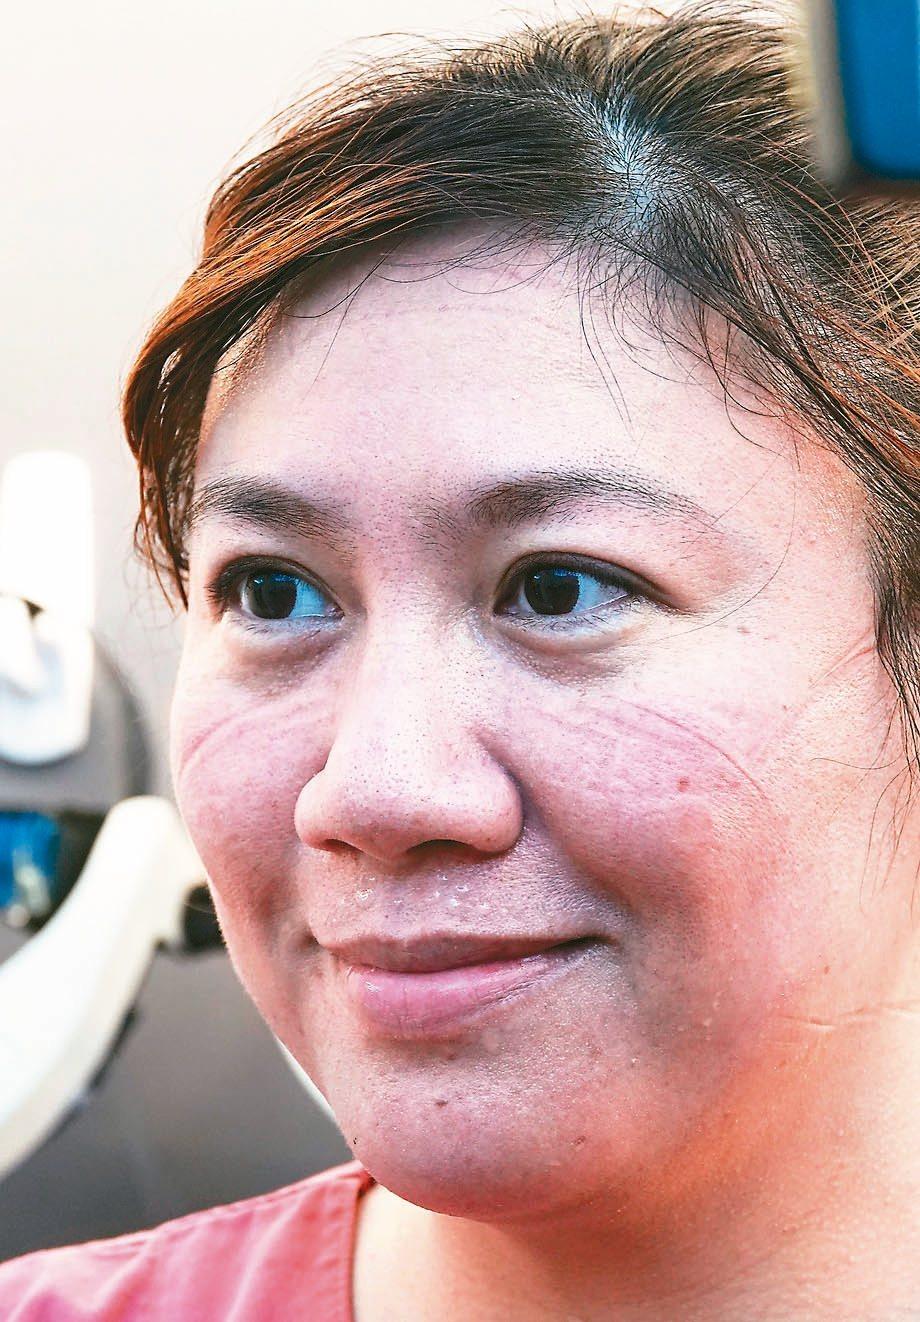 醫護人員卸下裝備,臉上還會留下「美麗的勒痕」。 記者鄭超文/攝影